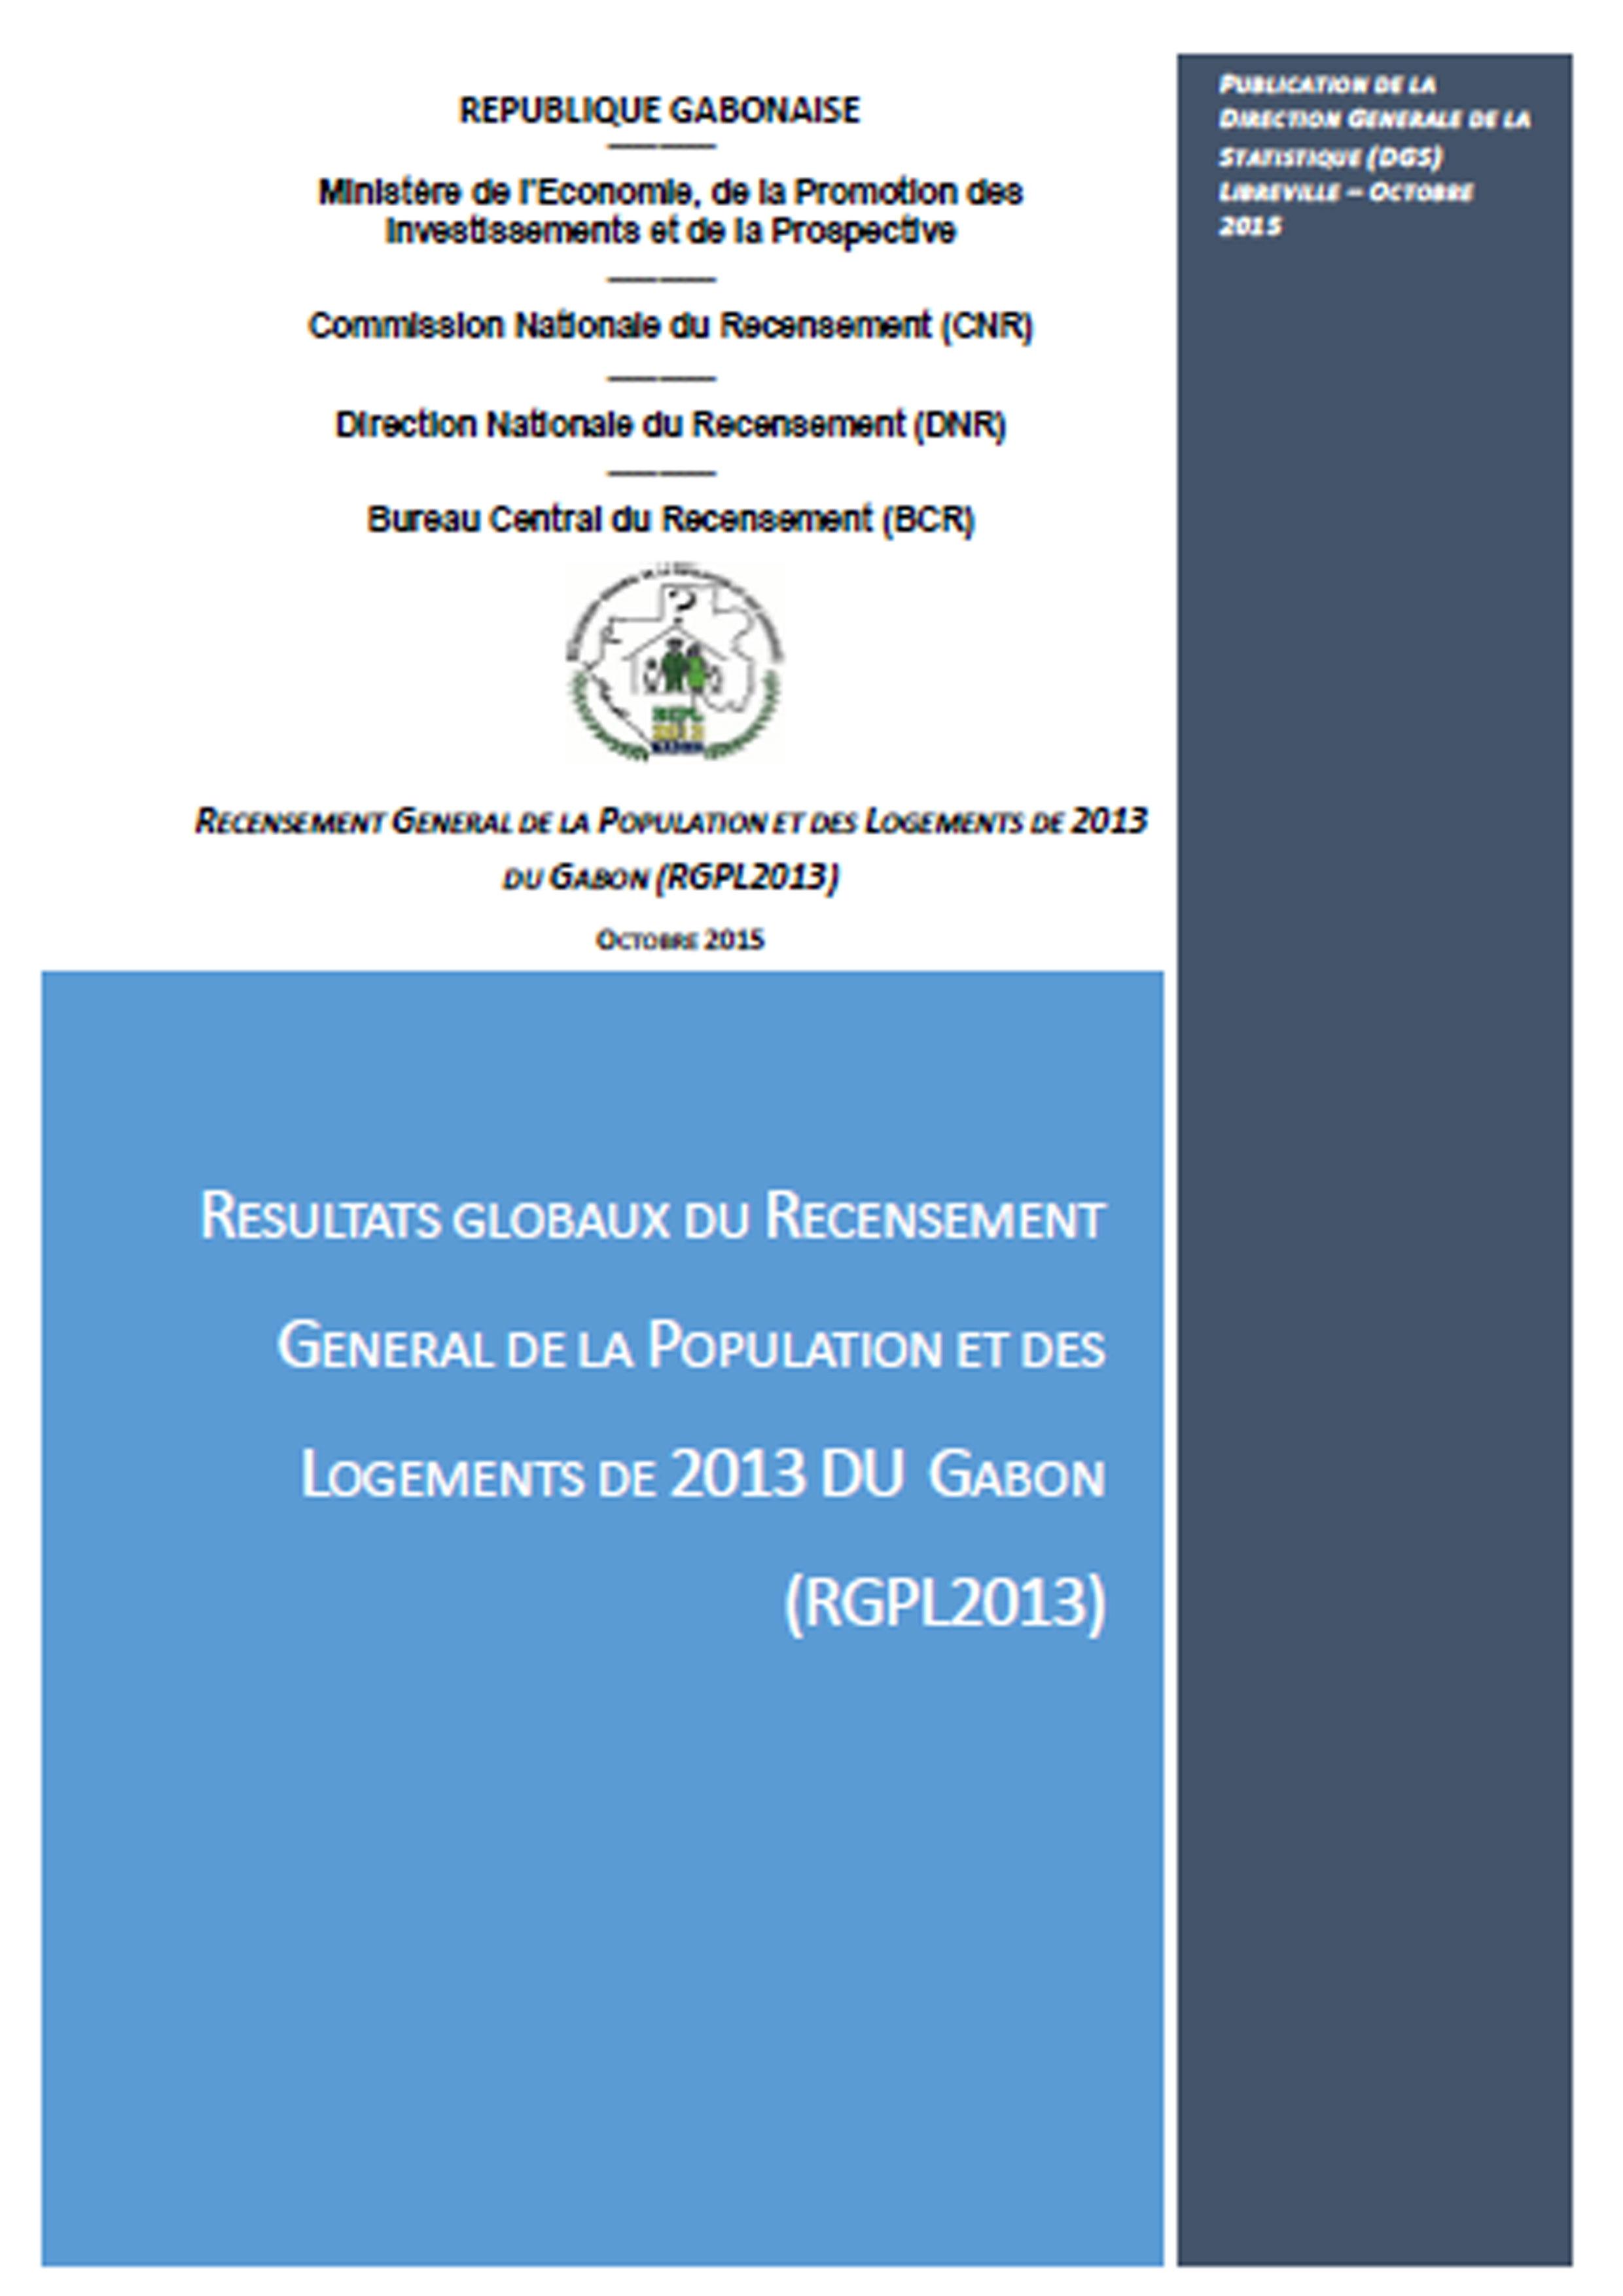 RGPL 2013